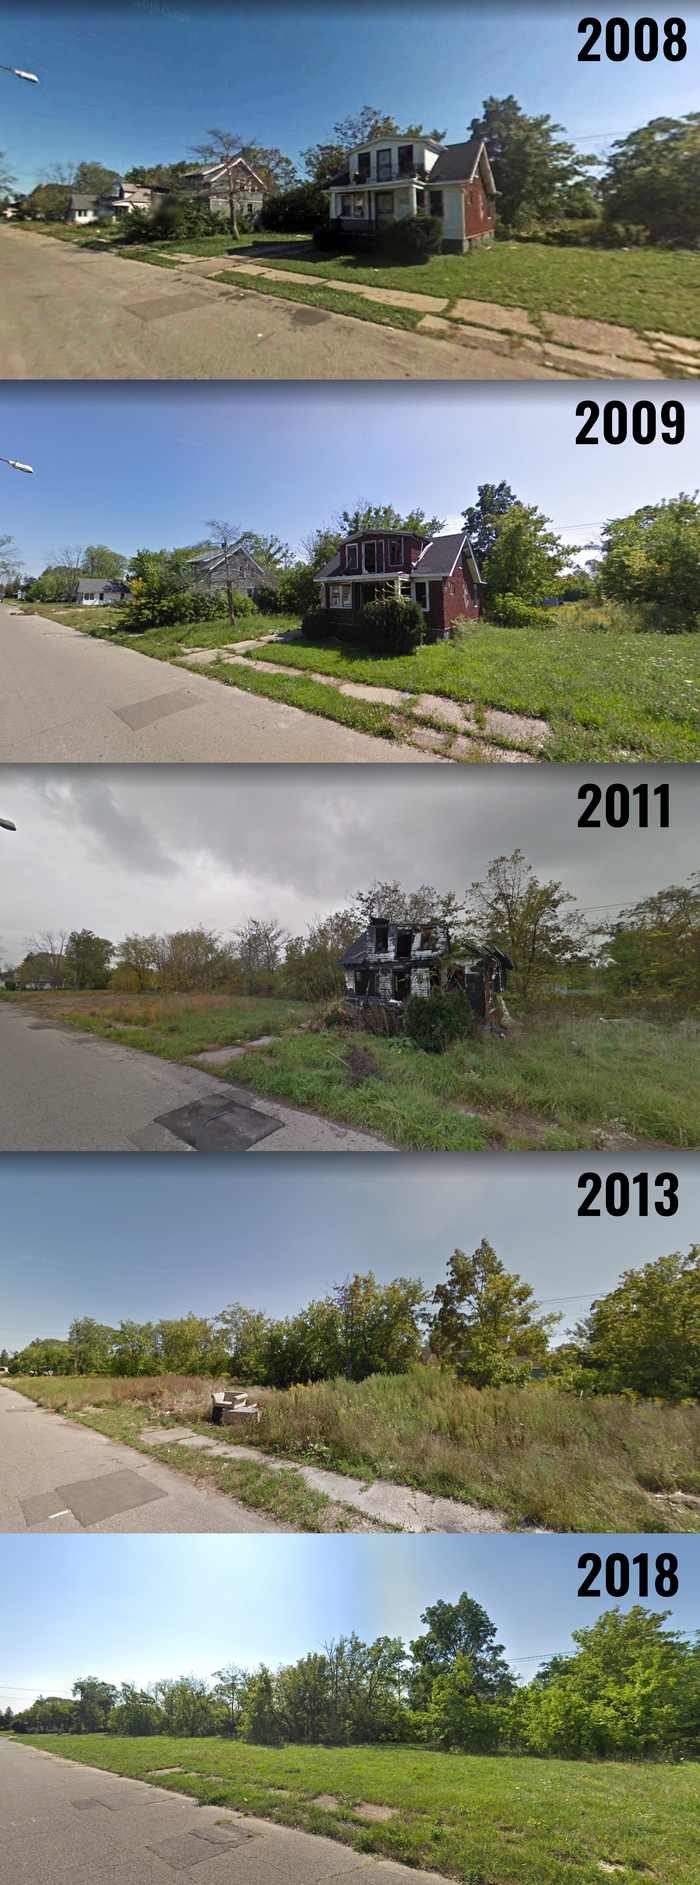 QuotКак менялась одна улица с 2008 по 2018 годquot